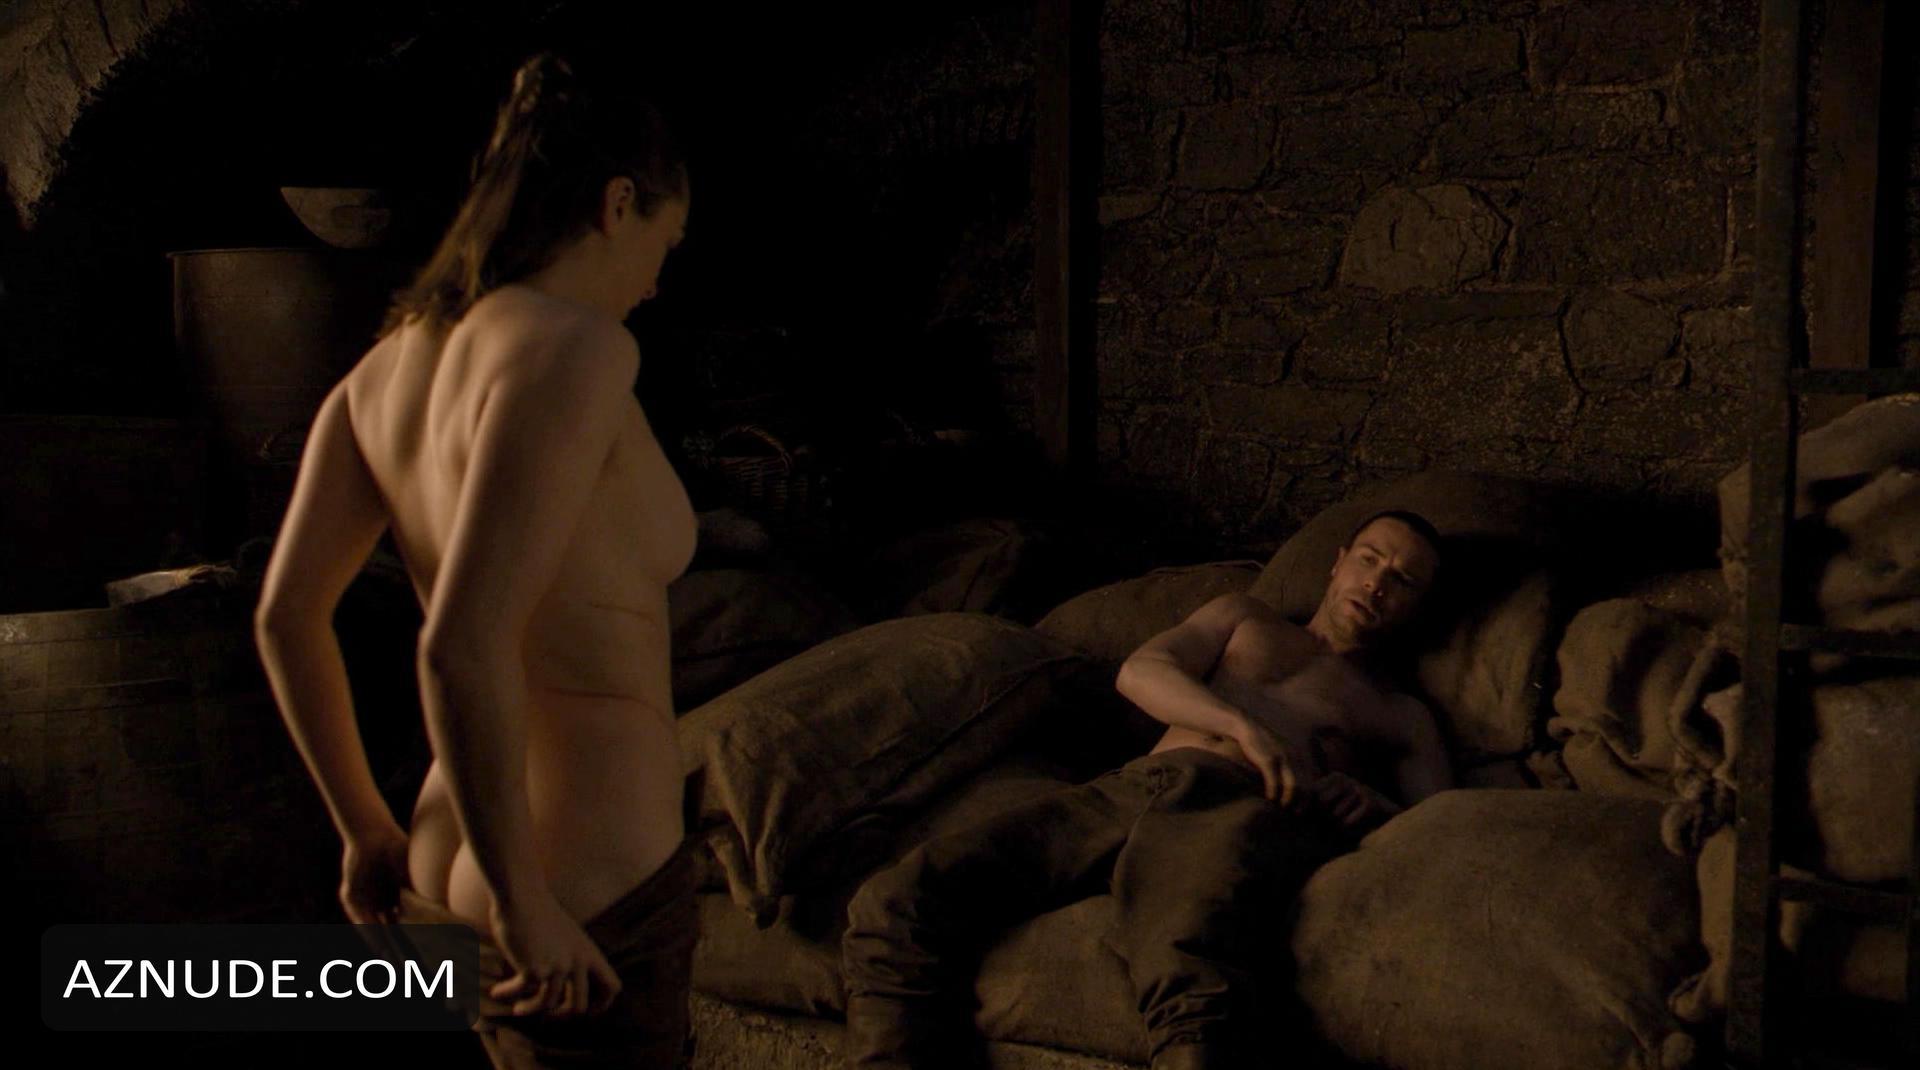 Maisie williams nude photos